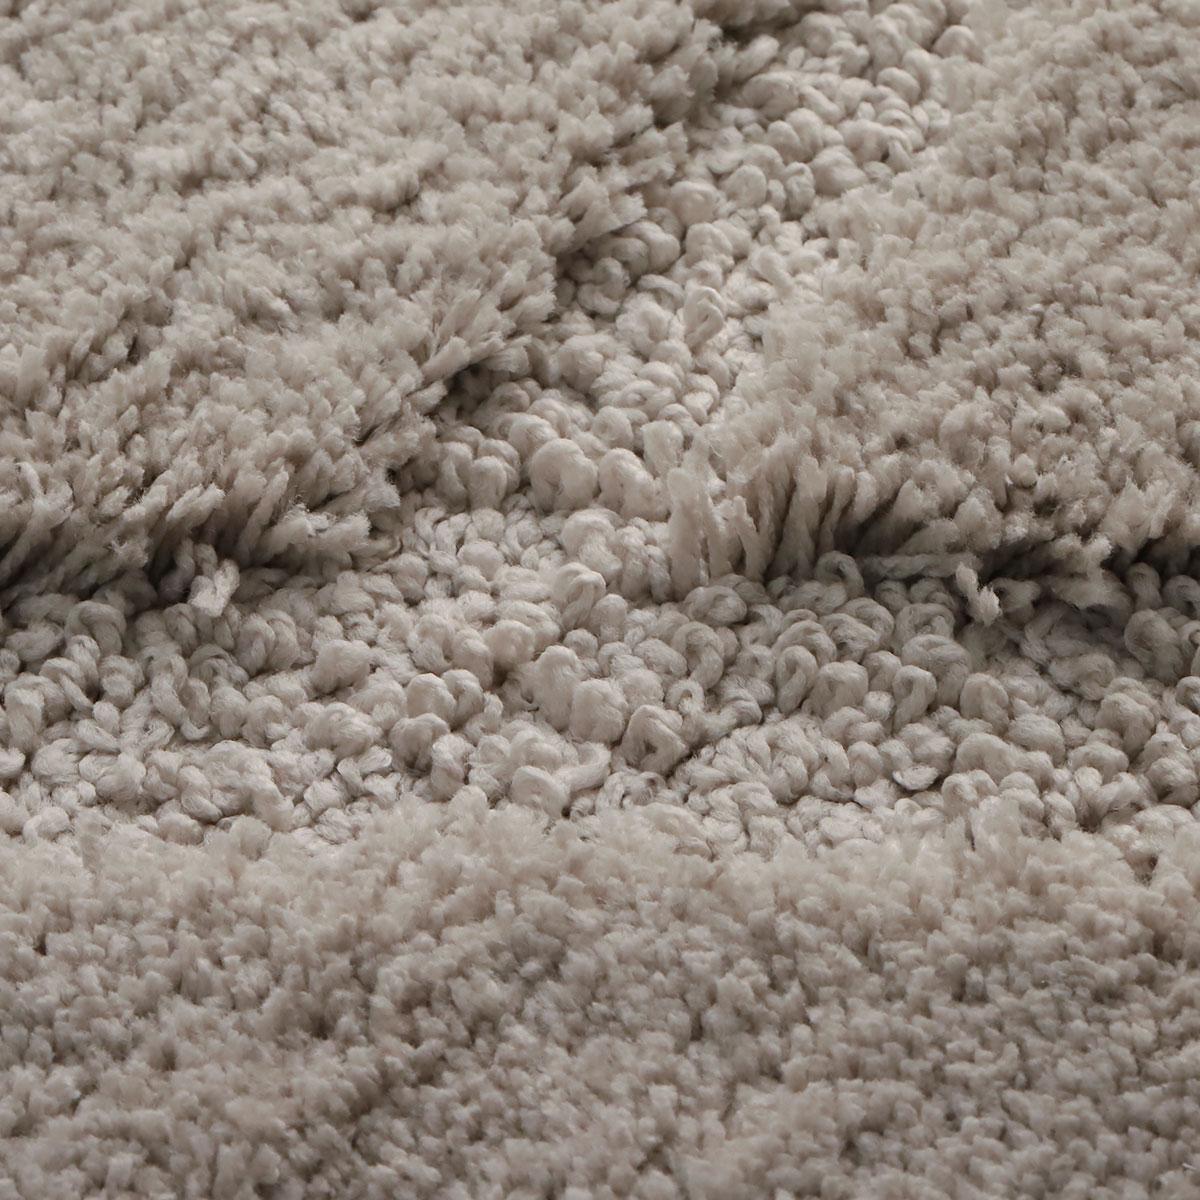 カット&ループの毛を織り込むことでデザインを表現。